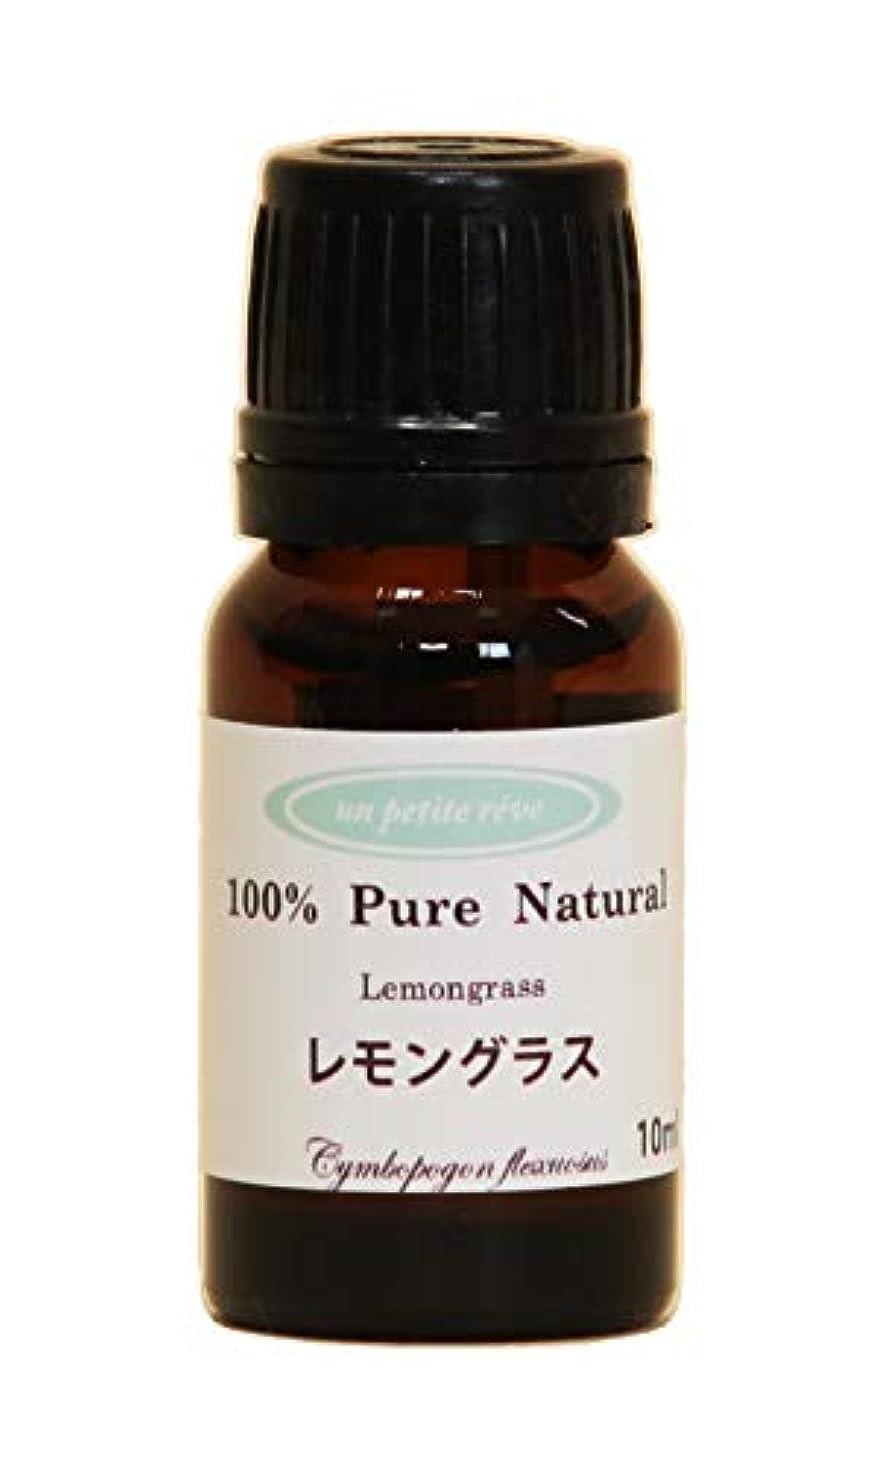 ベジタリアン腐敗くそーレモングラス 10ml 100%天然アロマエッセンシャルオイル(精油)